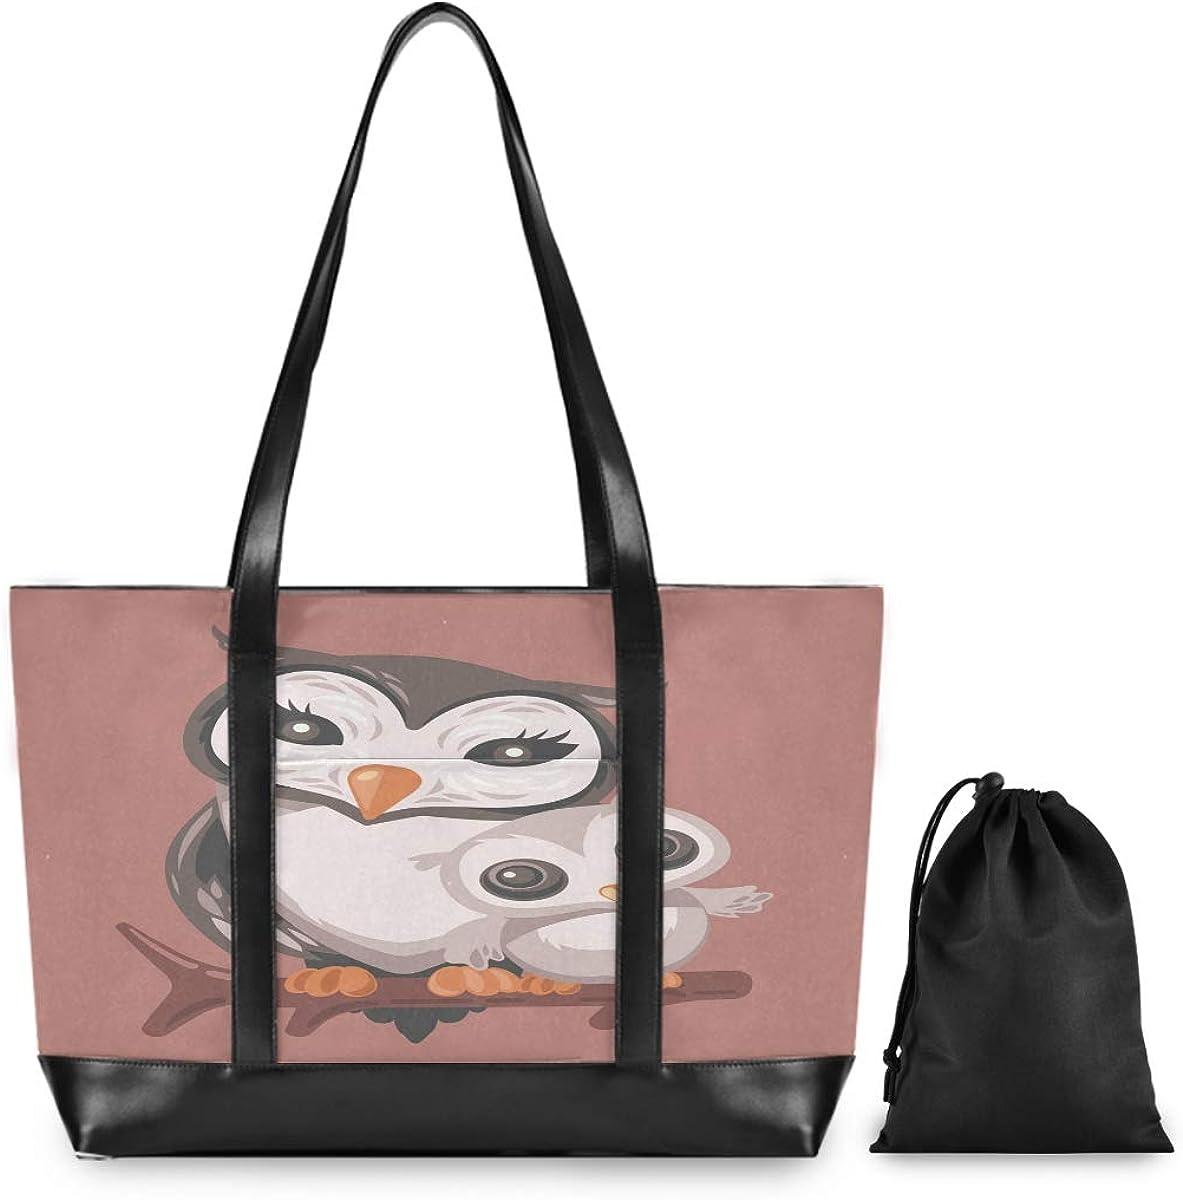 Mama Owl Hugging Child Laptop Bag for Women Canvas Messenger Bag Business Office School Computer Bag for 15.6 Inch Laptop /& Tablet Professional Large Capacity Briefcase Handbag Shoulder Bag